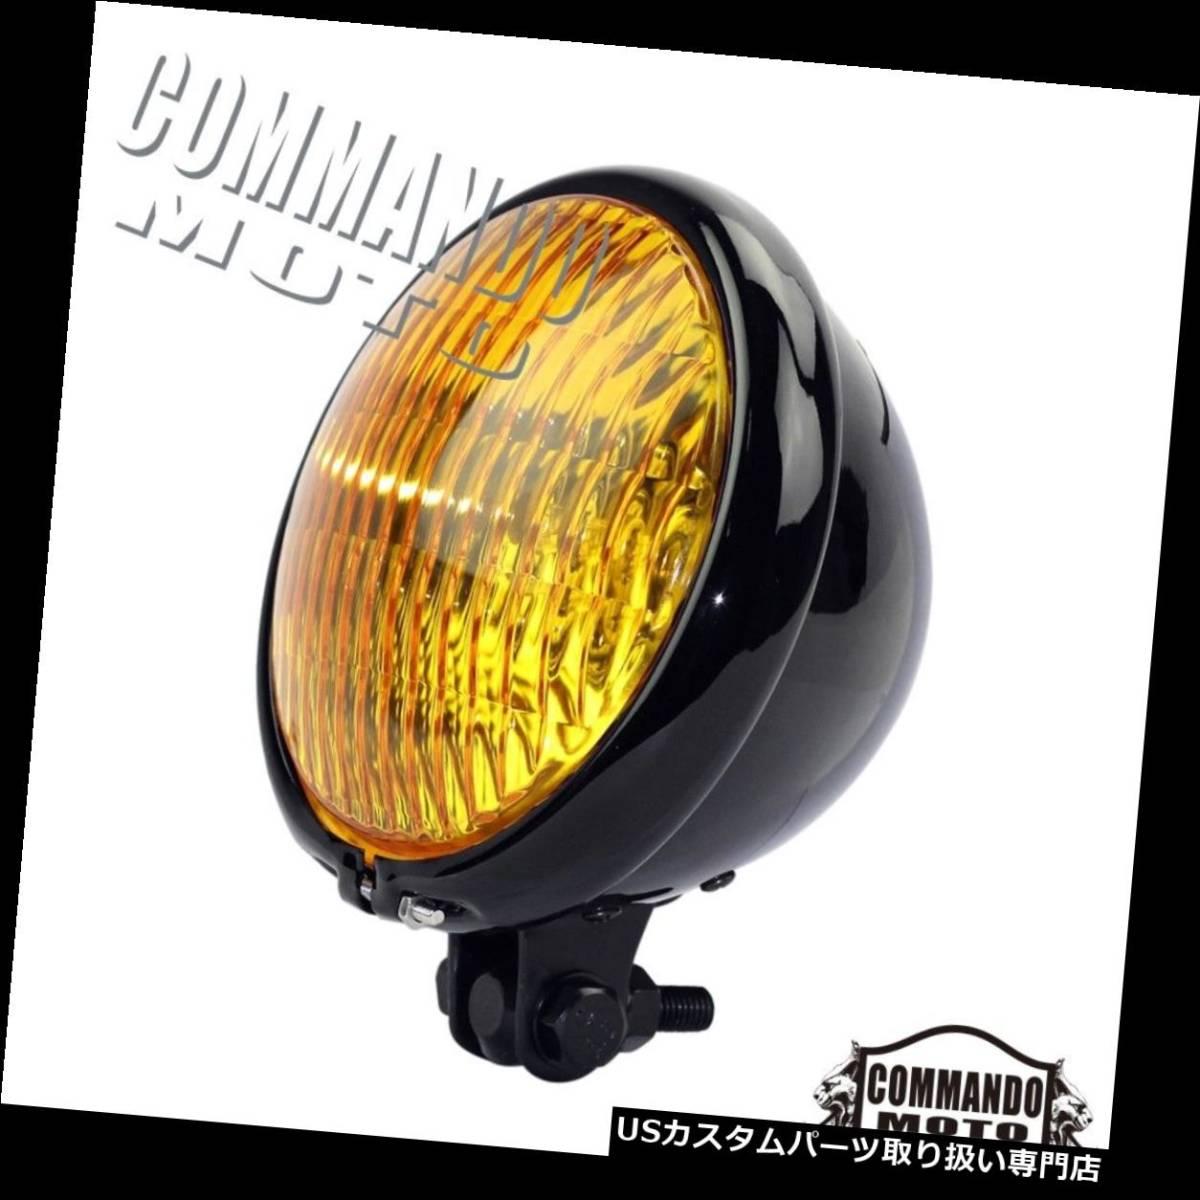 USヘッドライト ハーレーカフェレーサーボバーチョッパーカスタム用オートバイヴィンテージヘッドライトレトロ Motorcycle_画像3